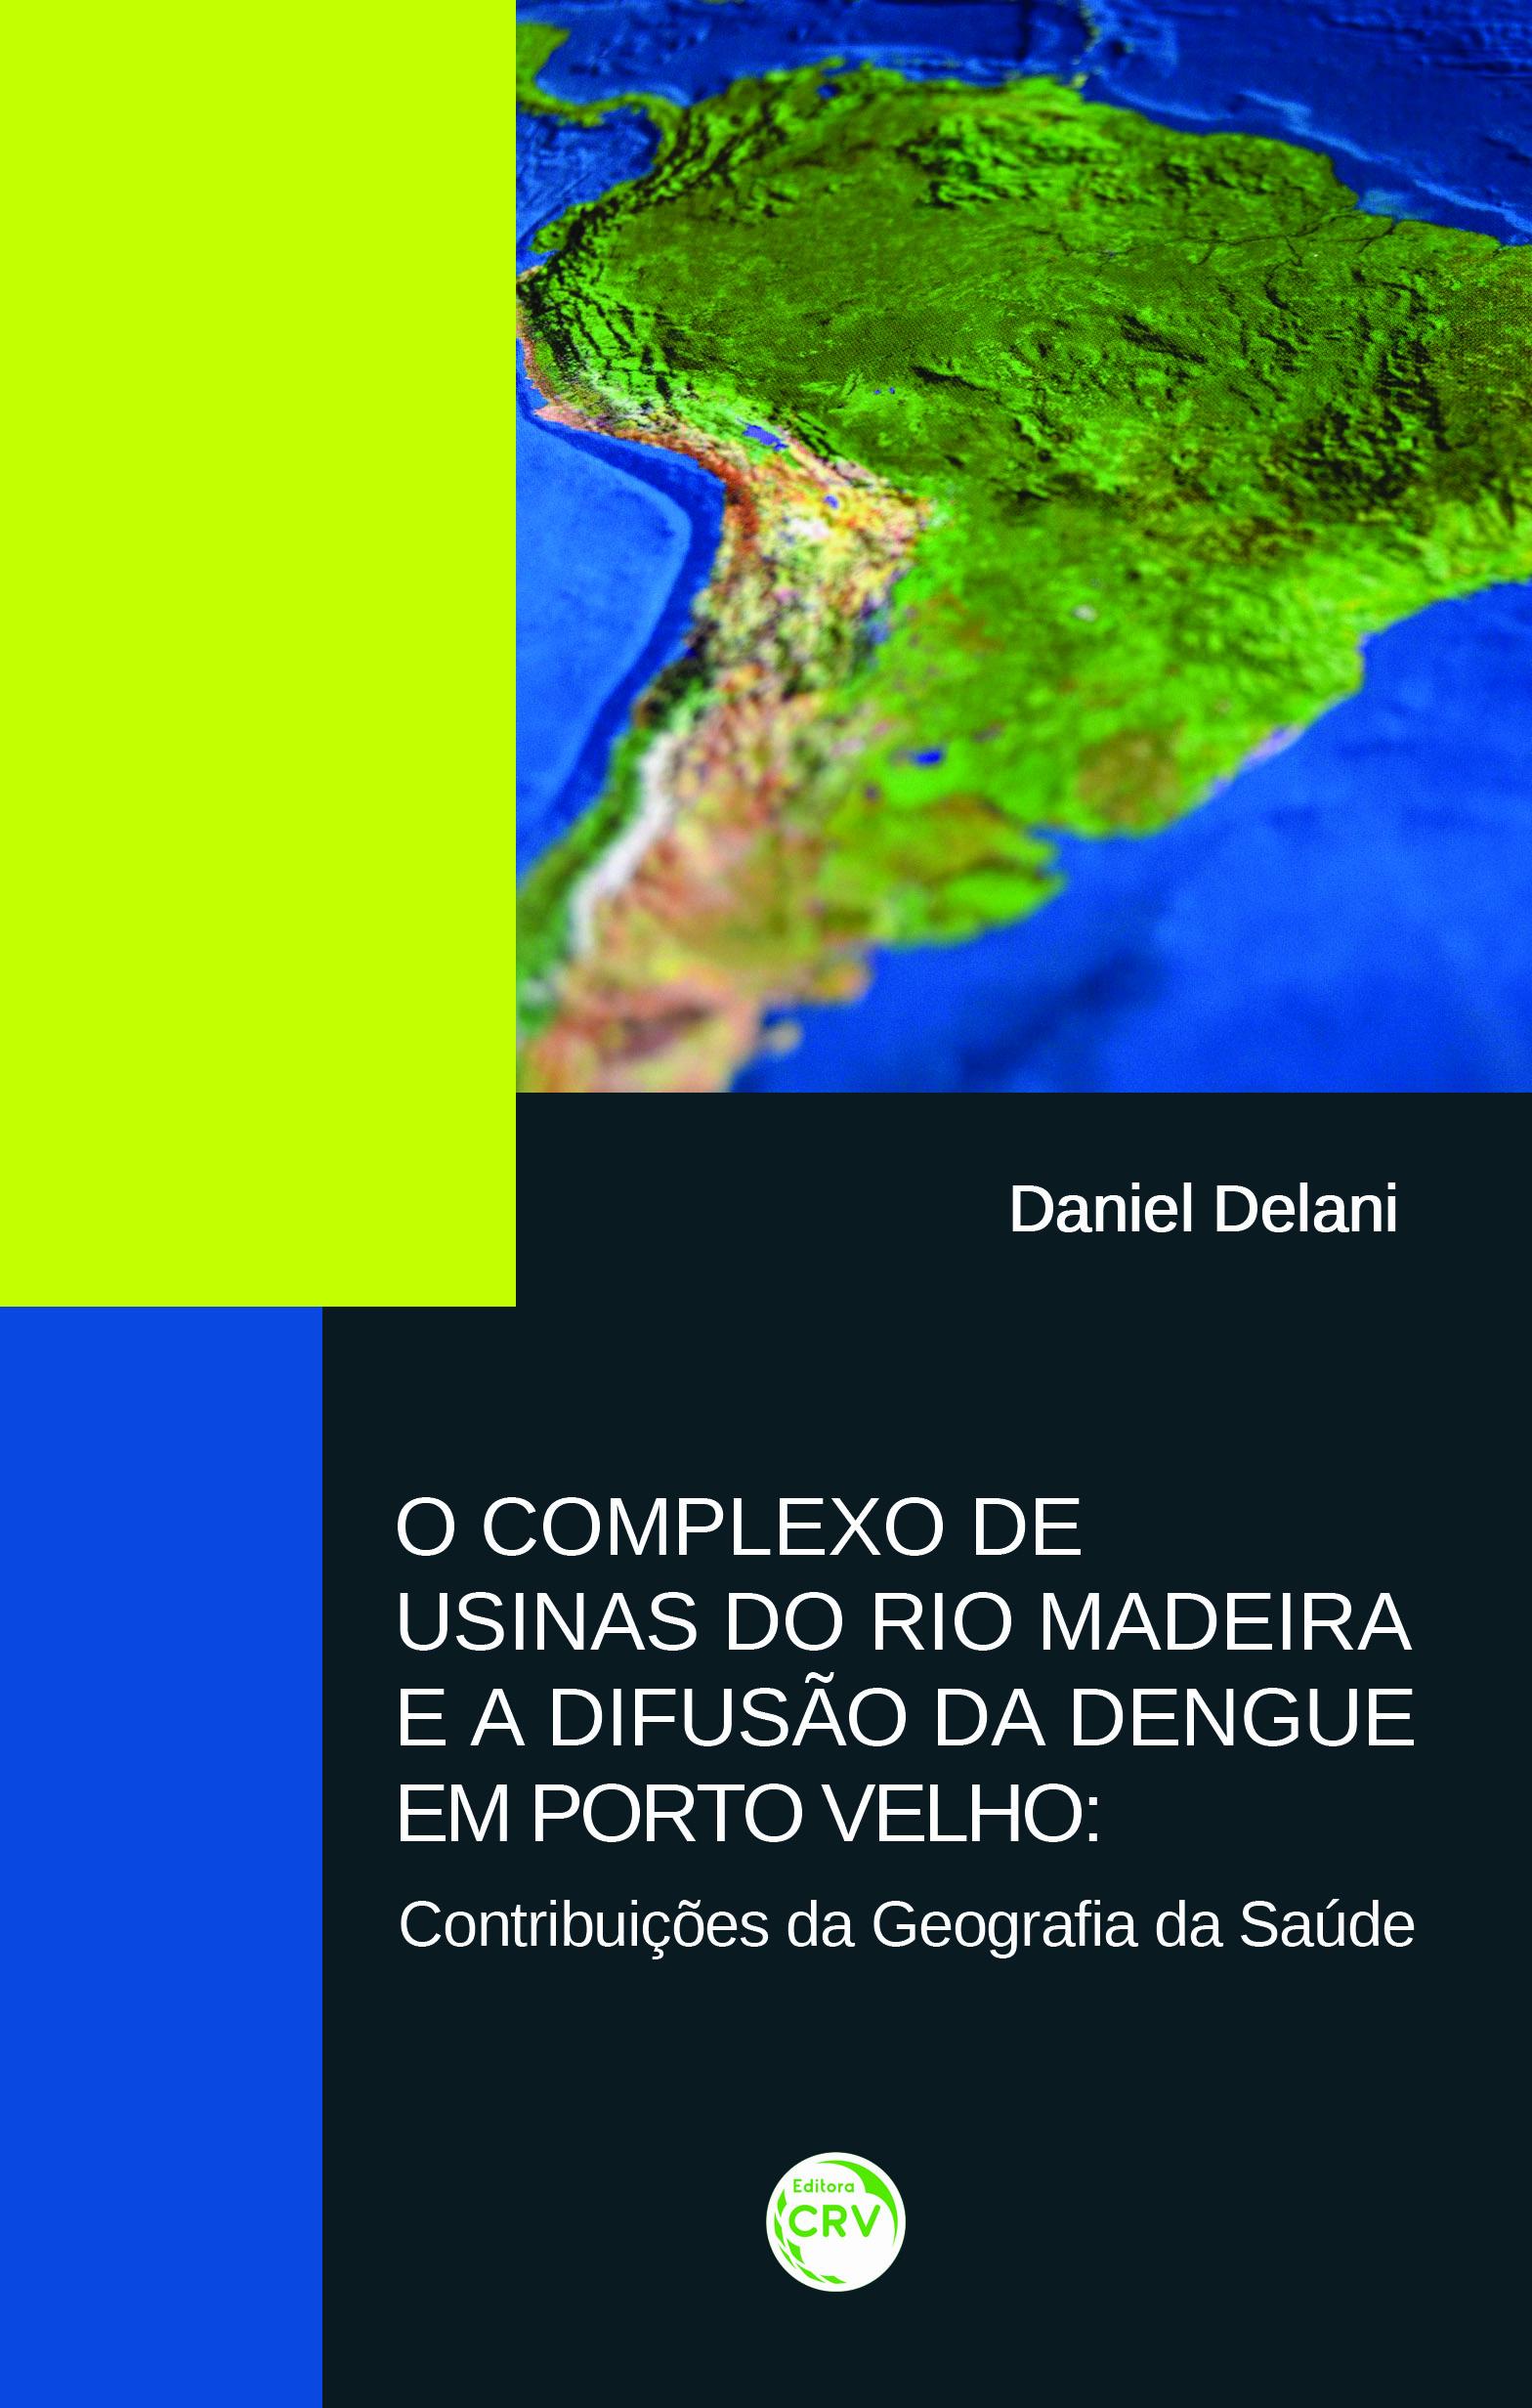 Capa do livro: O COMPLEXO DE USINAS DO RIO MADEIRA E A DIFUSÃO DA DENGUE EM PORTO VELHO:<br>contribuições da geografia da saúde